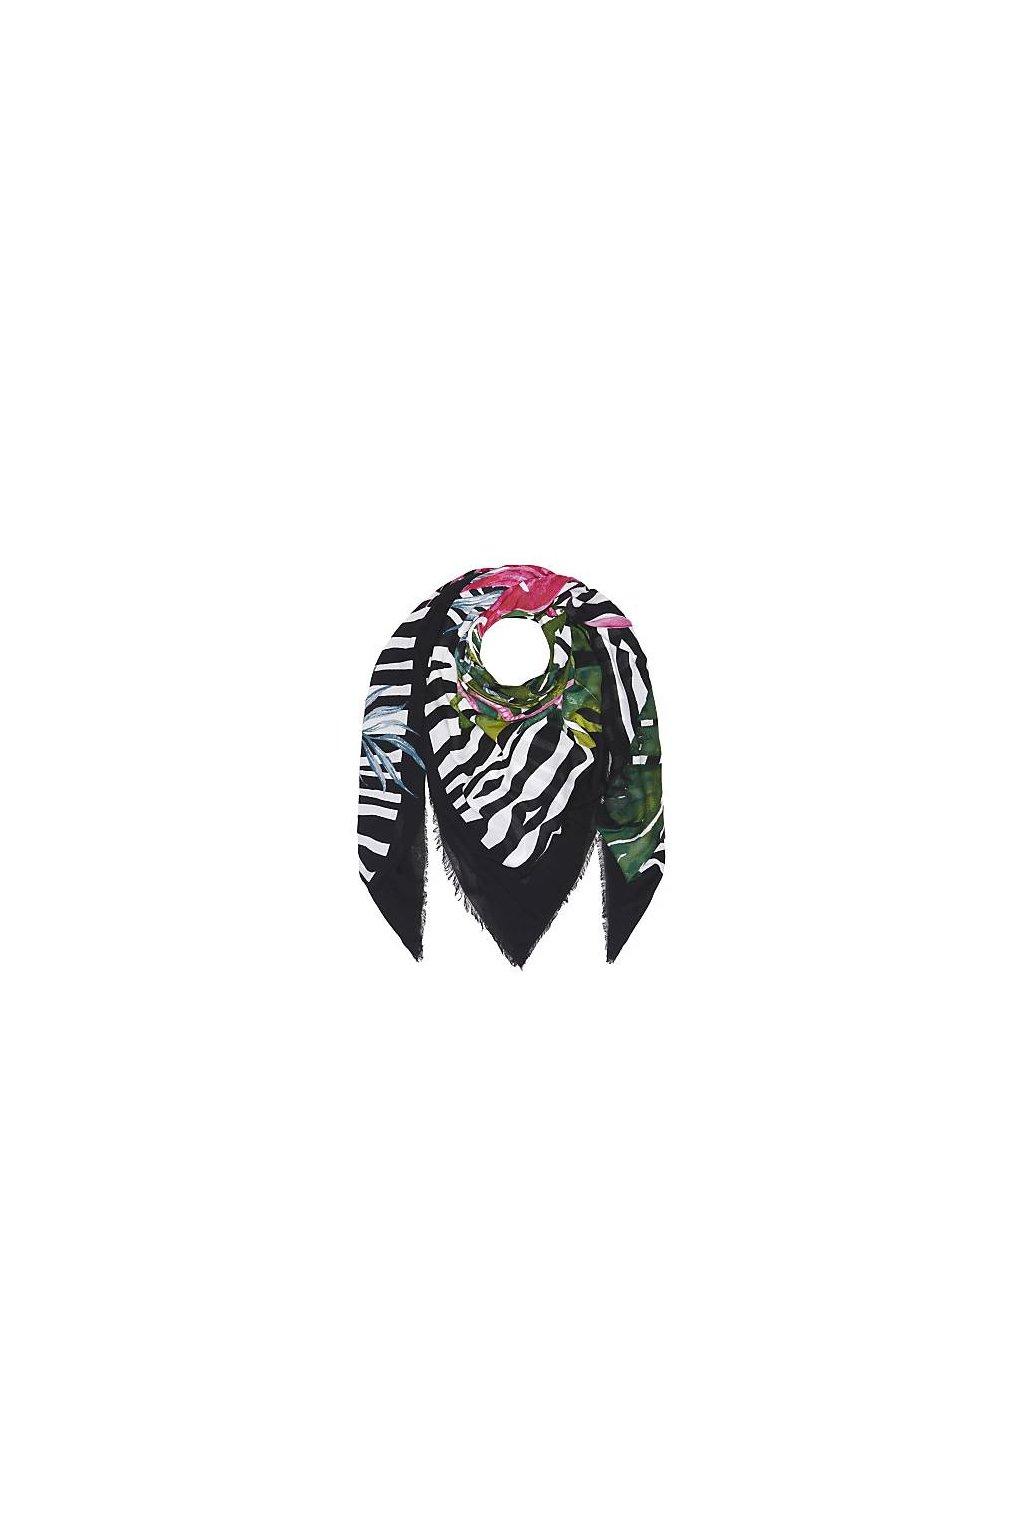 AW7644VIS03 PIN (1)